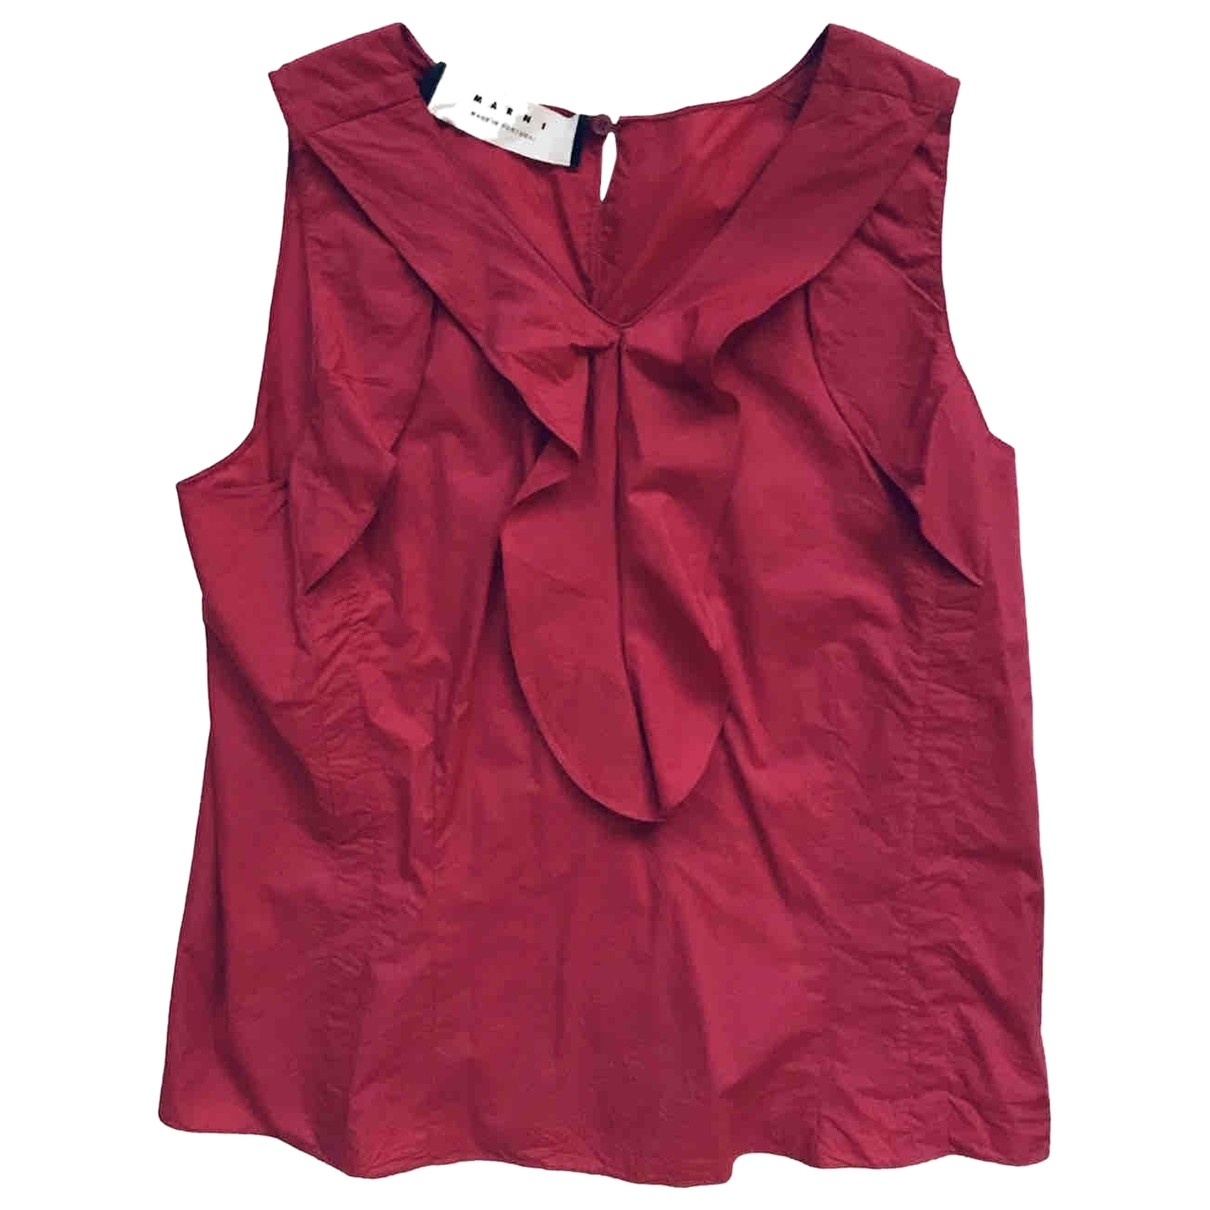 Marni - Top   pour femme en coton - bordeaux